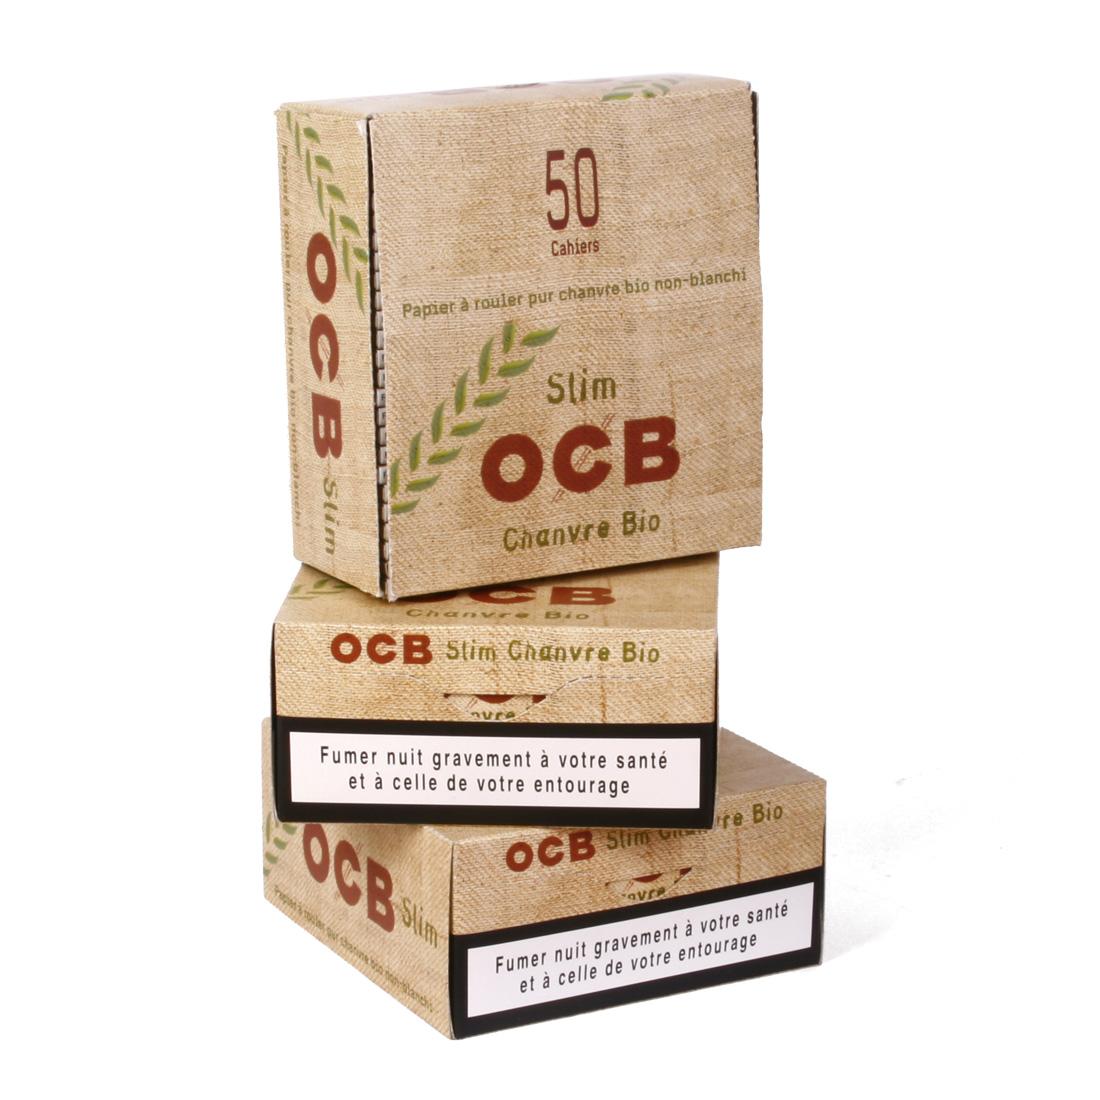 boites de papier a rouler ocb